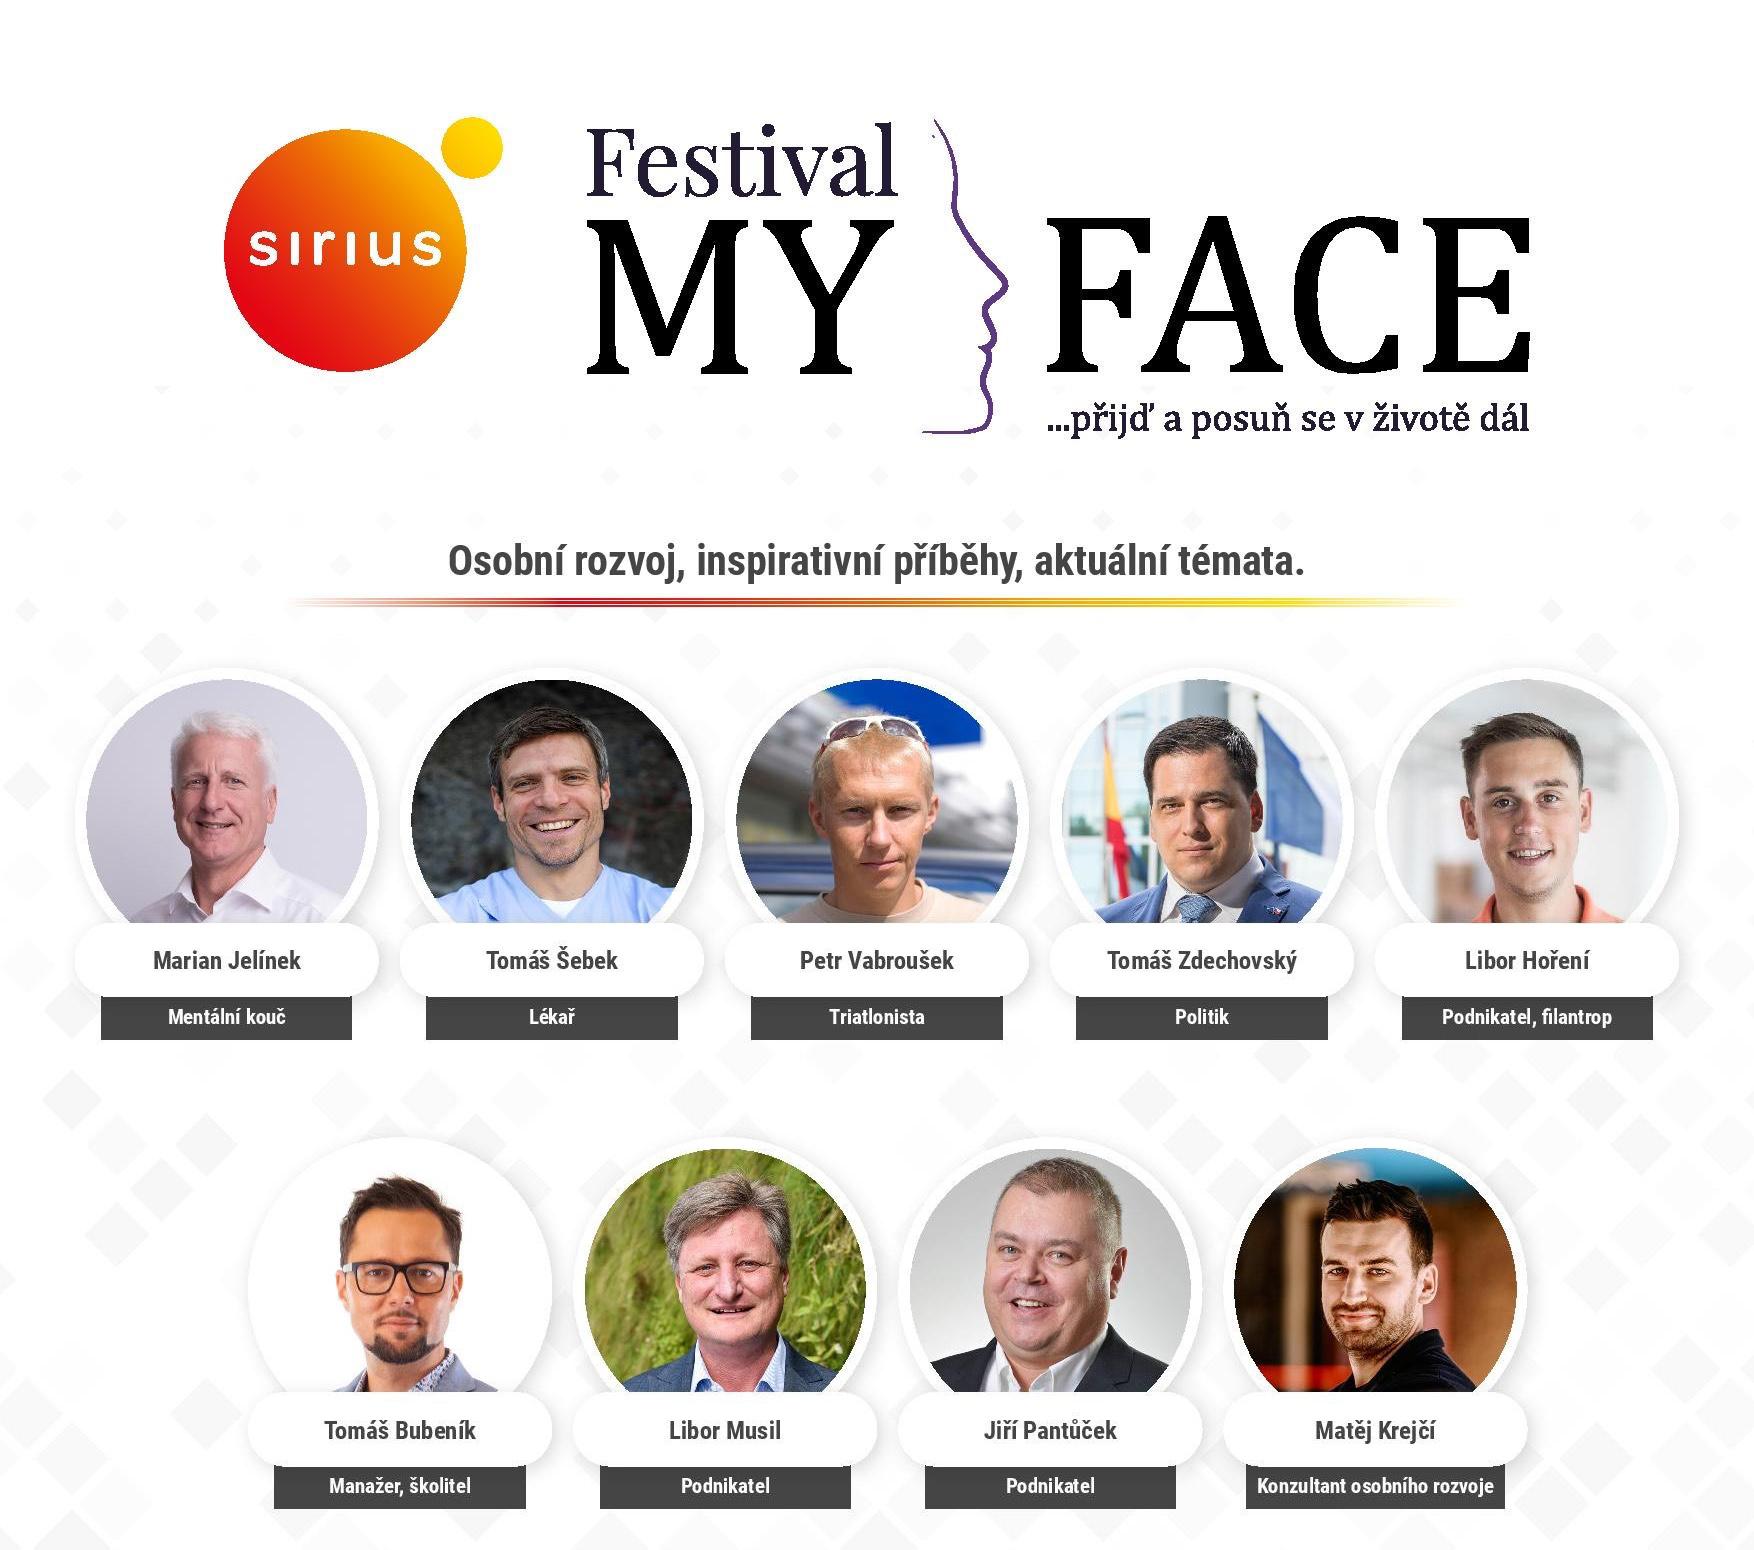 Festival MyFace po čtvrté! Tentokrát s Liborem Musilem!